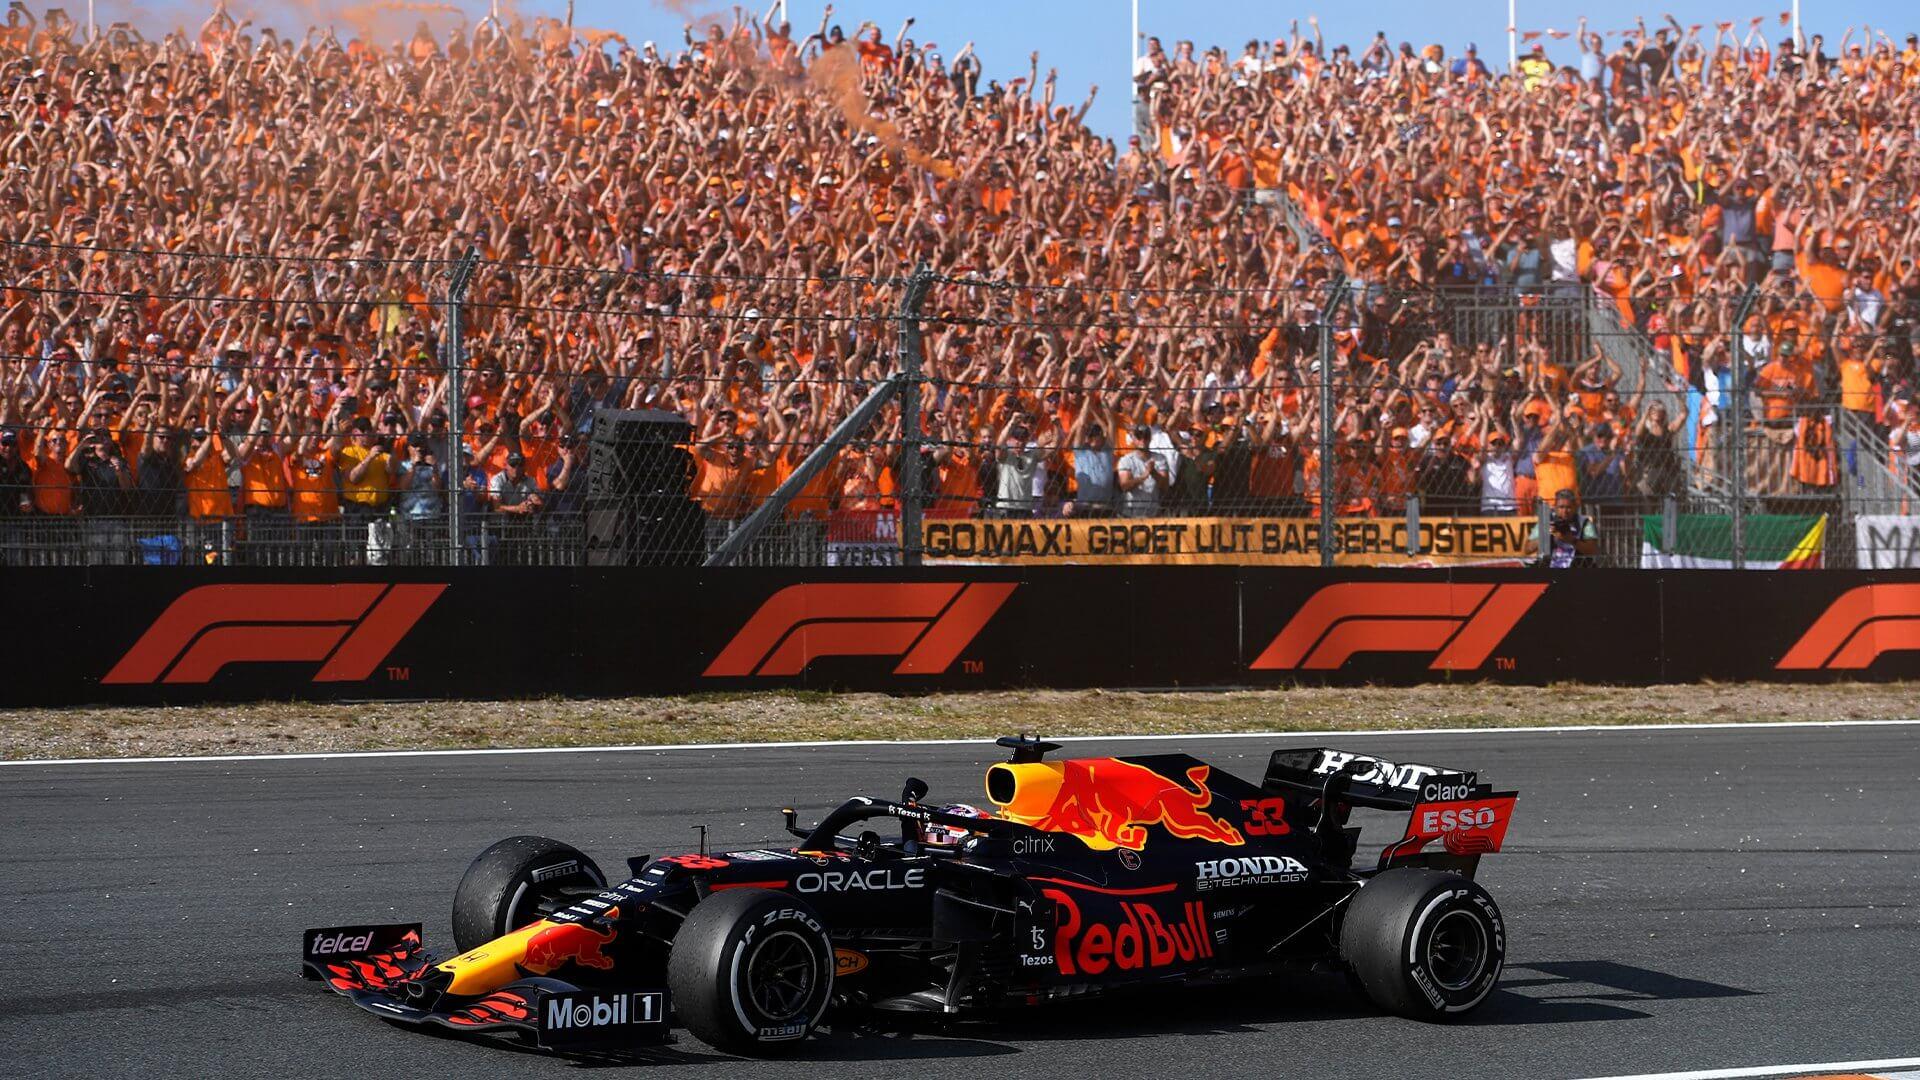 """¡Verstappen gana el GP de los Países Bajos y vuelve a liderar el Mundial de Pilotos! """"Es un día increíble para mí"""""""